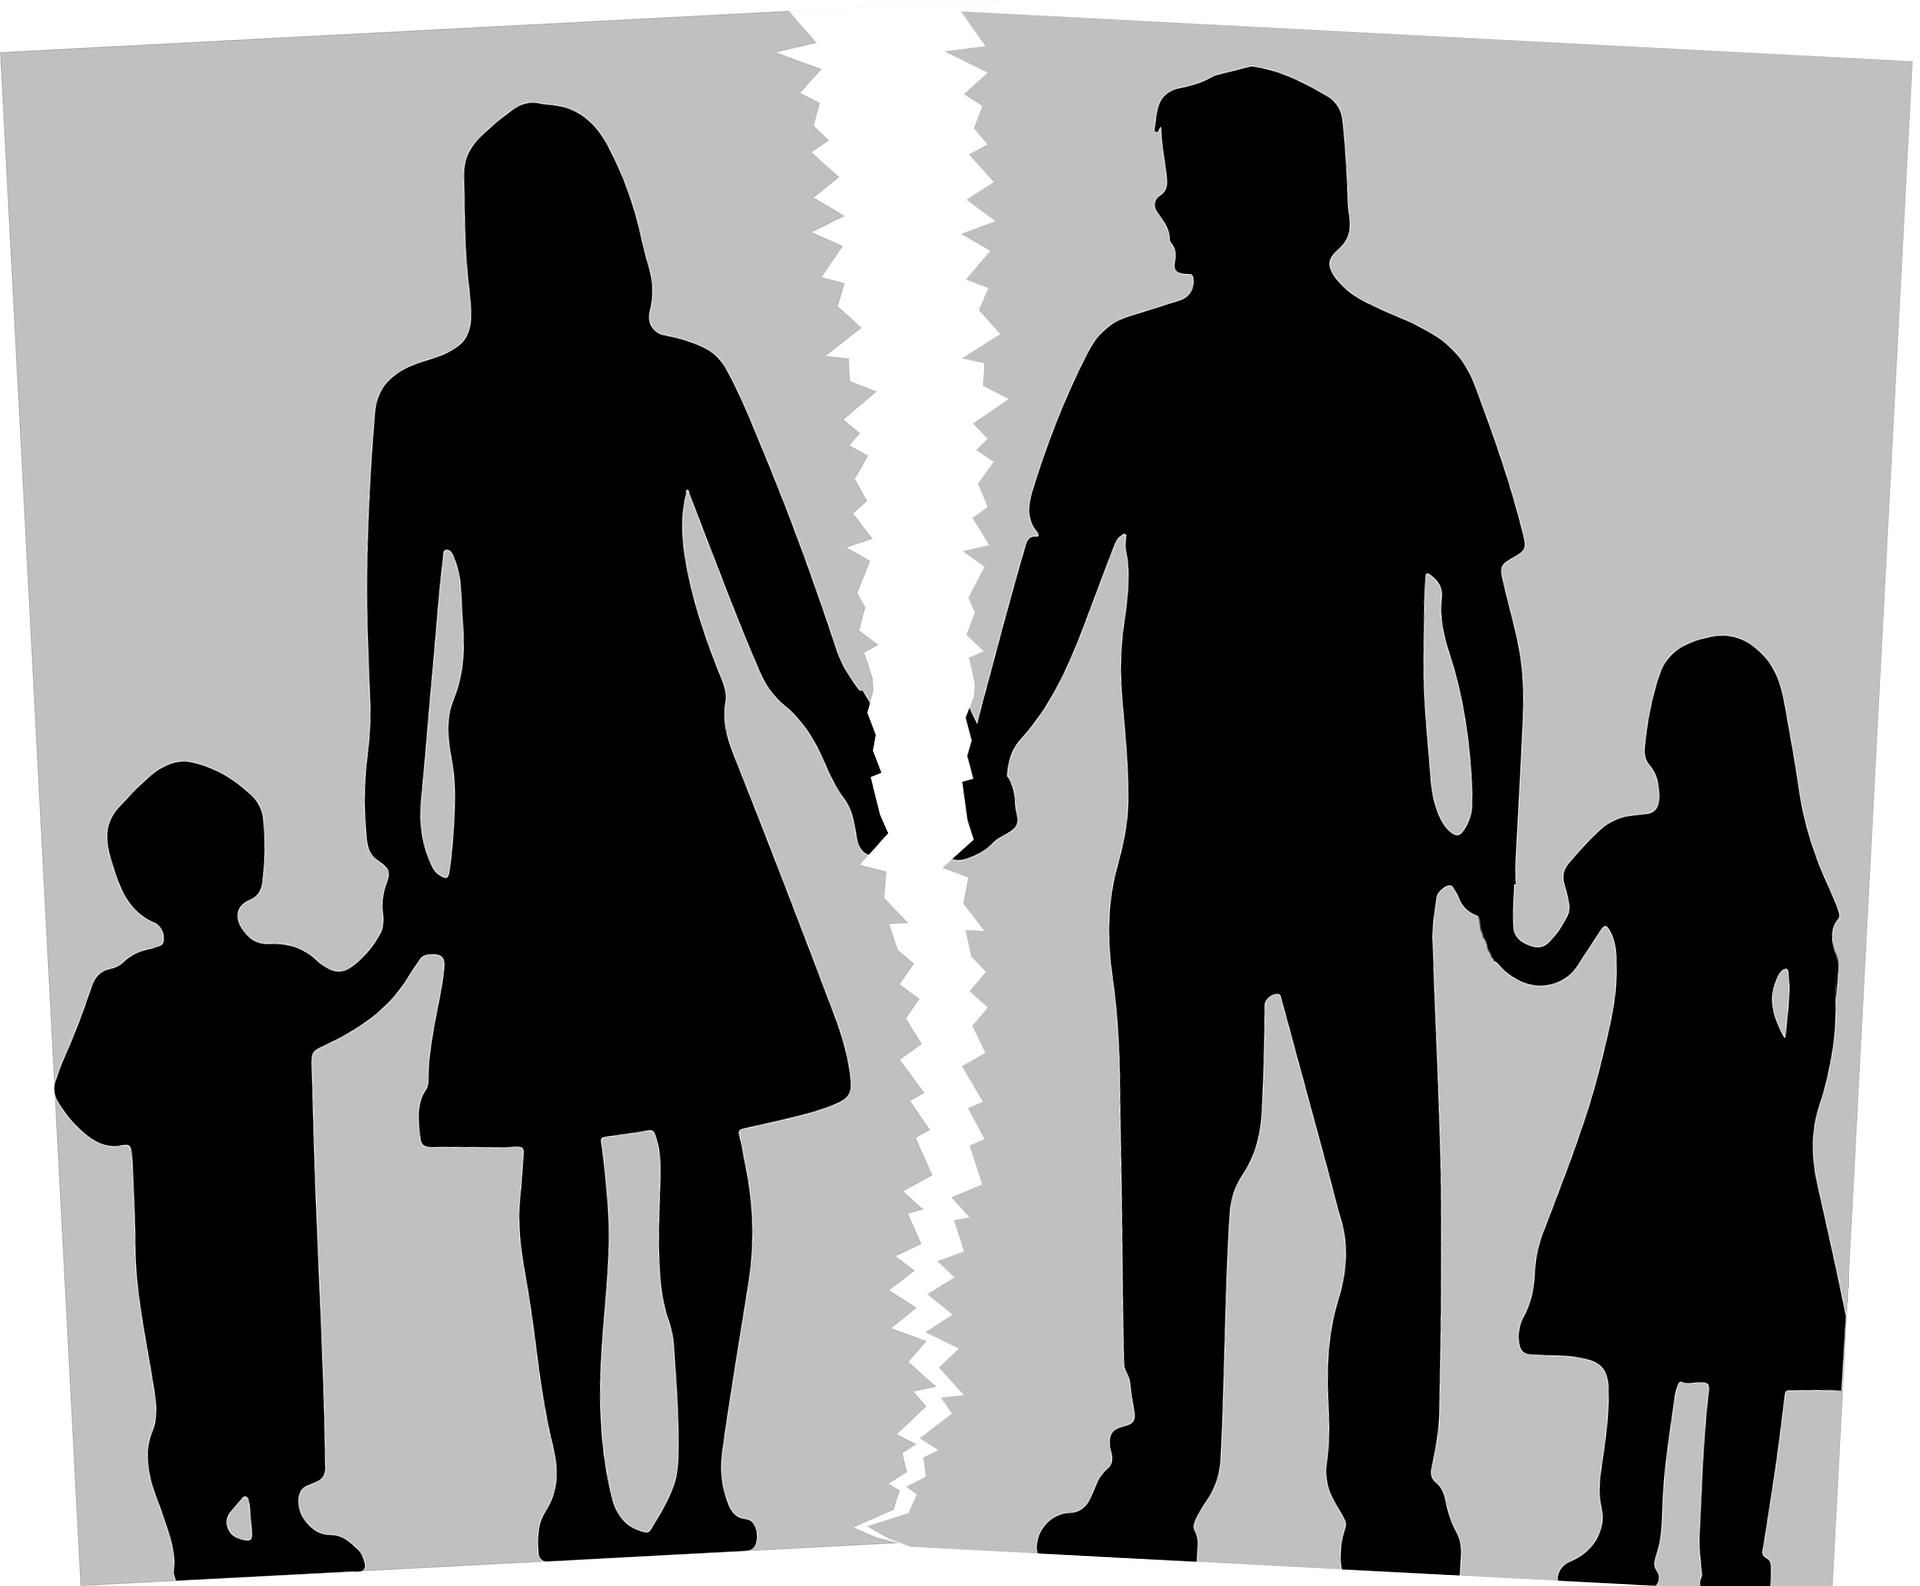 Cuando las fechas importantes se convierten en conflicto para la familia ensamblada